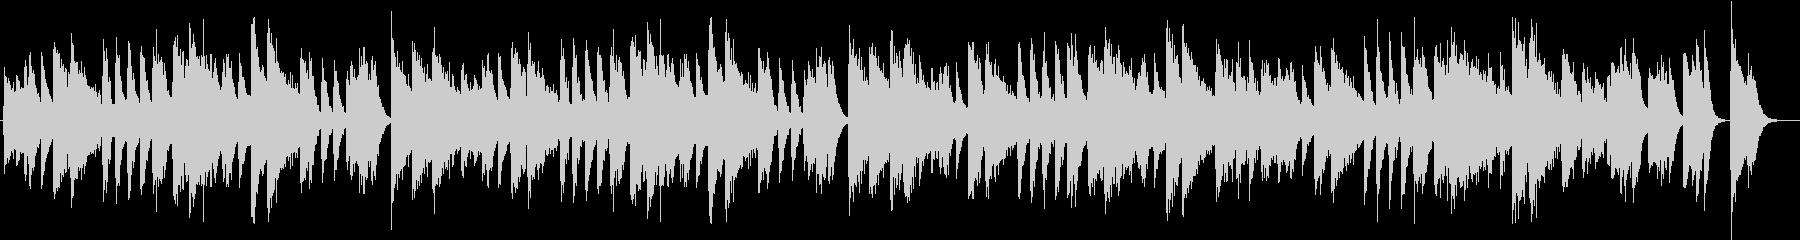 アップテンポクールジャズのピアノBGMの未再生の波形